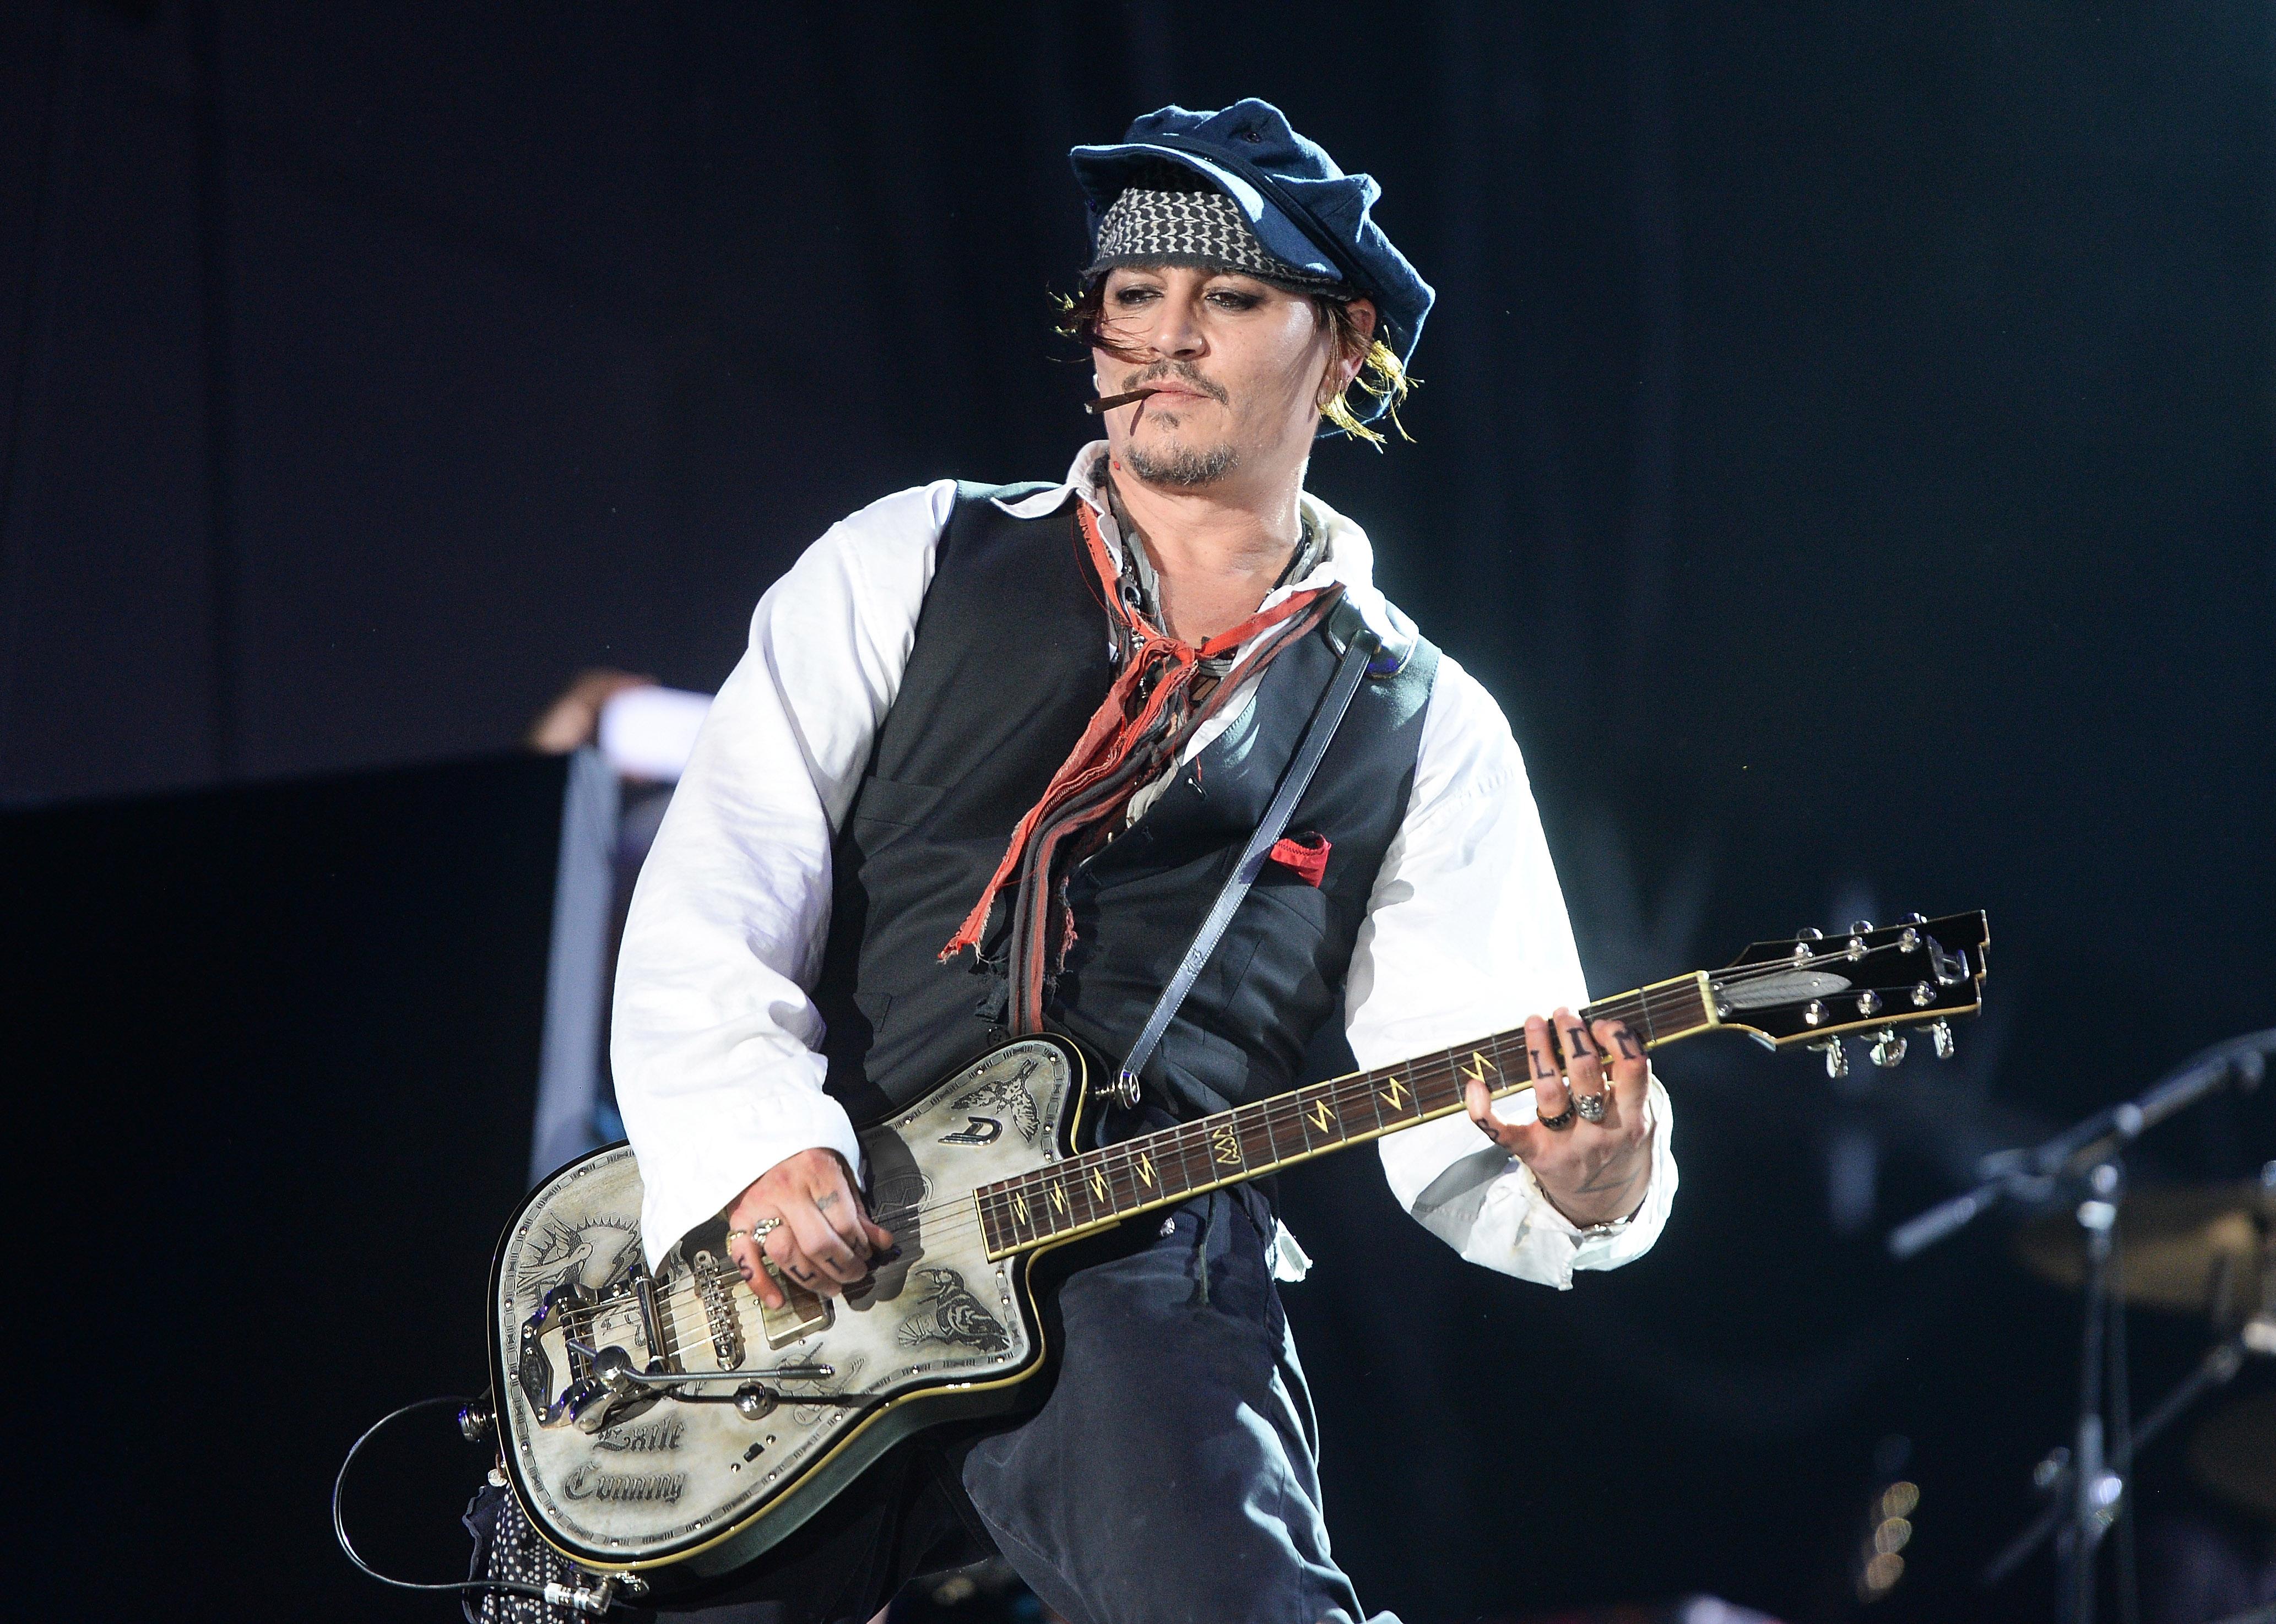 Джони Деп във вихъра си на сцената в Рио де Жанейро заедно с The Hollywood Vampires. Снимки: Фейсбук група Johnny Depp Forever.